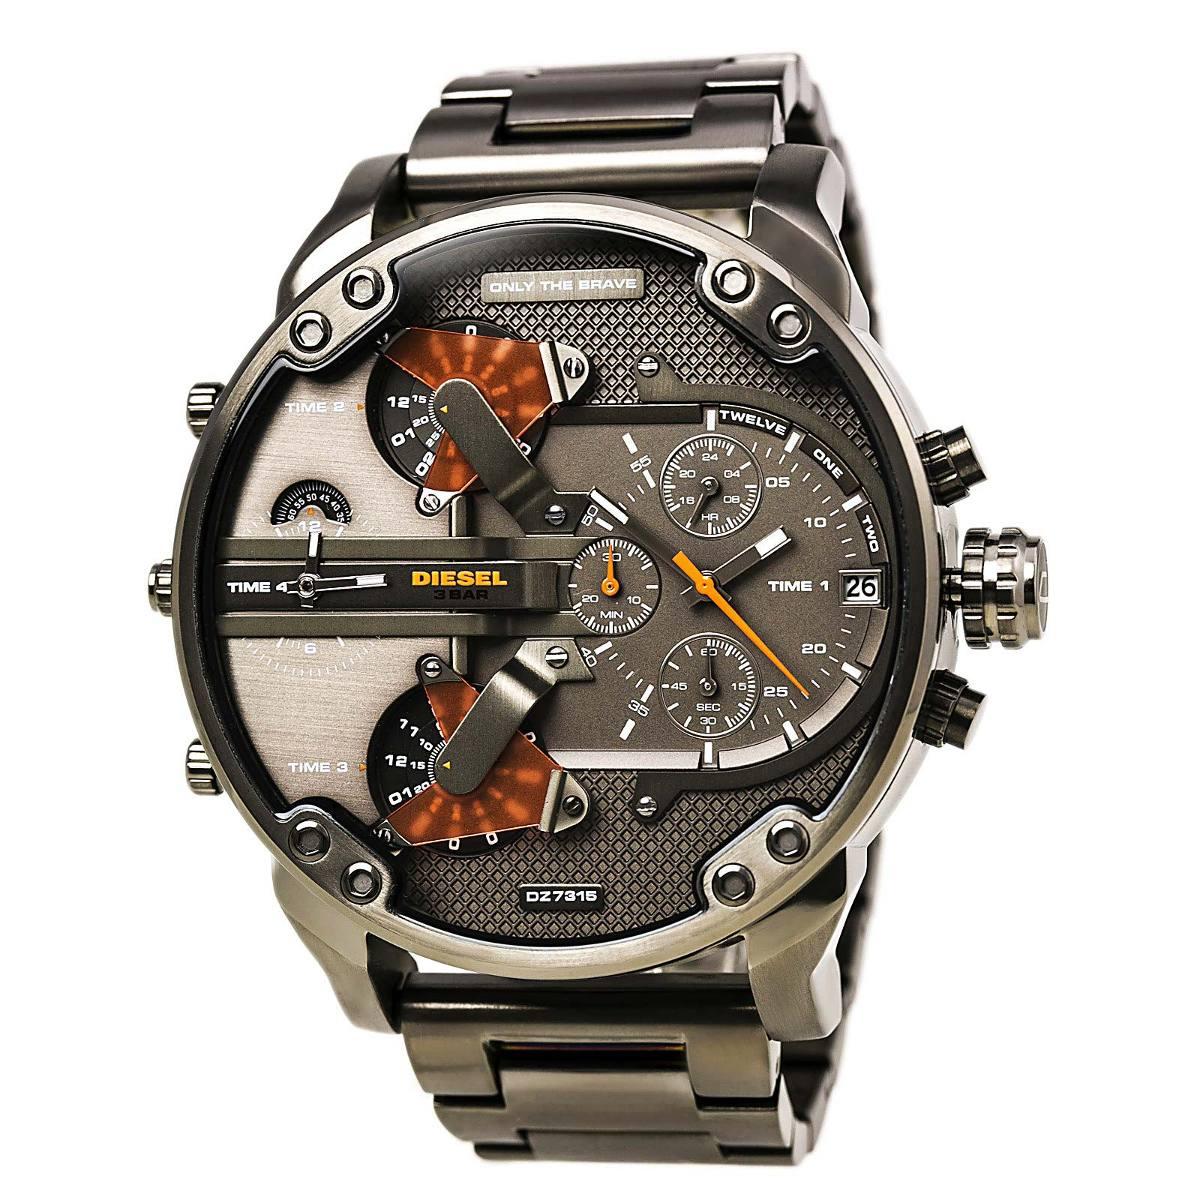 d422fea66157 relojes hombre diesel 2017